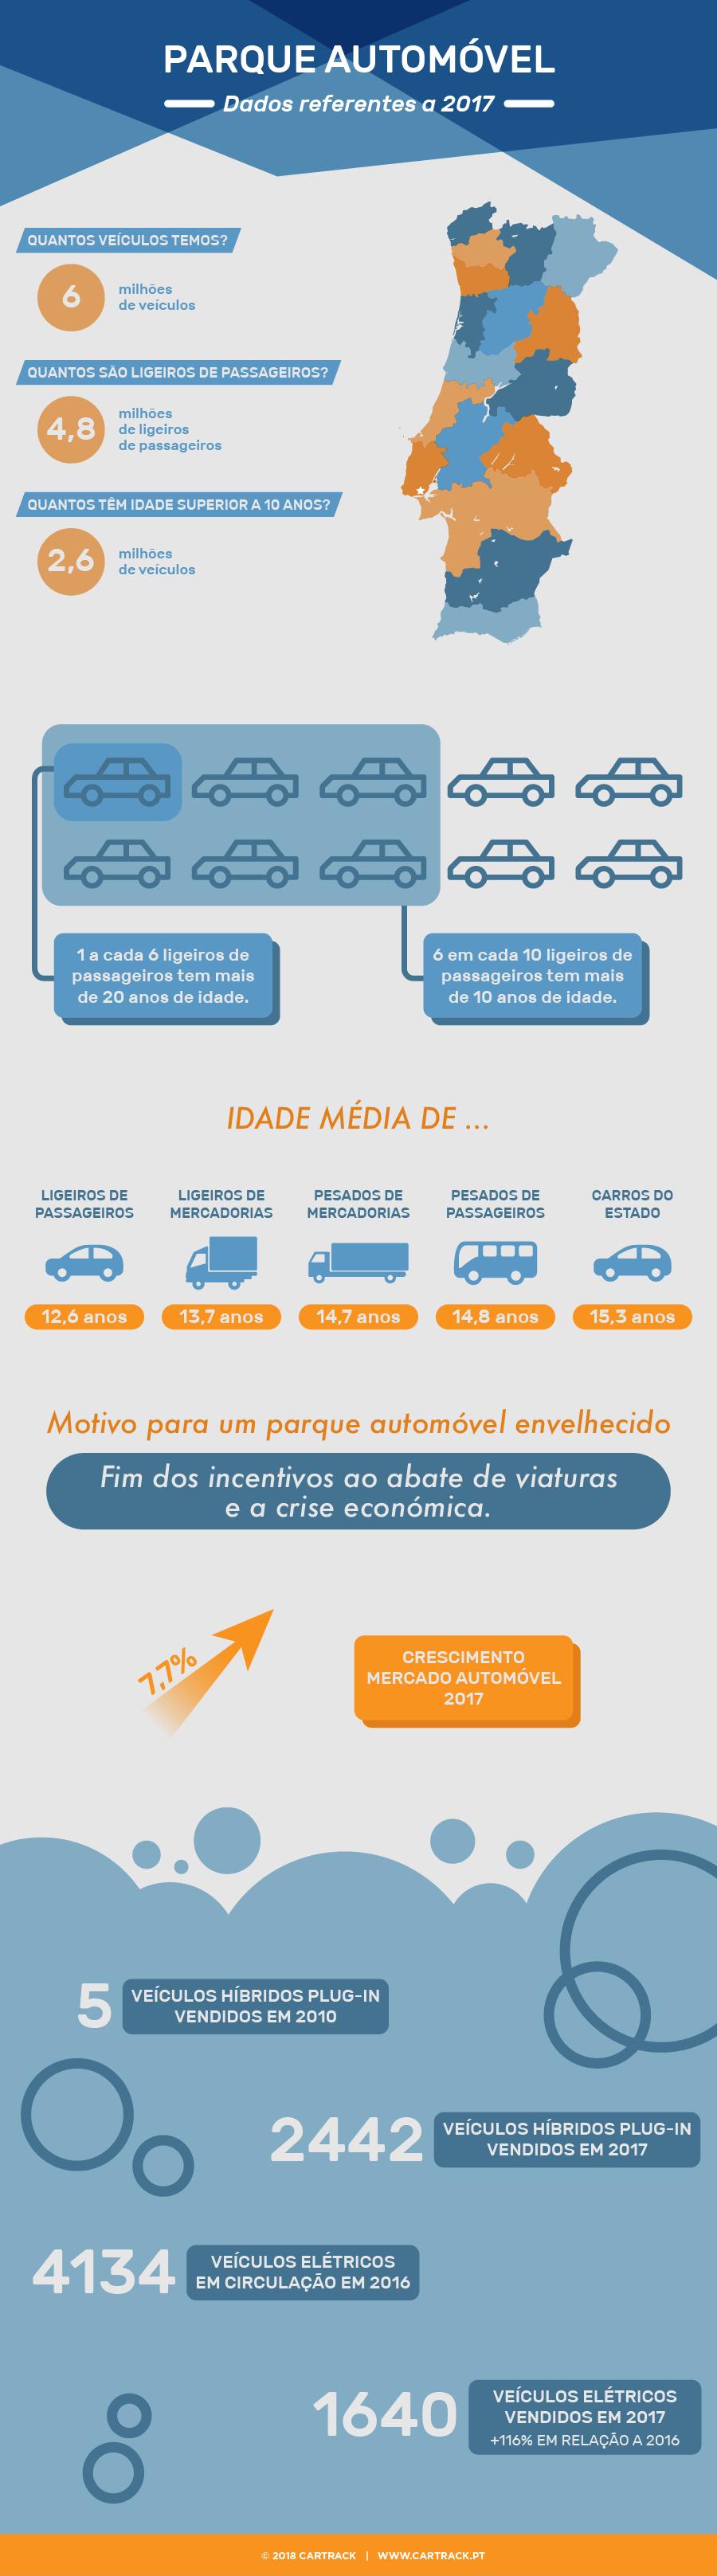 cartrack, portugal, carros, condução, sustentabilidade, mobilidade, parque automóvel, segurança, furtos, roubo, ambiente, economia, cartrack portugal, sempre em controlo